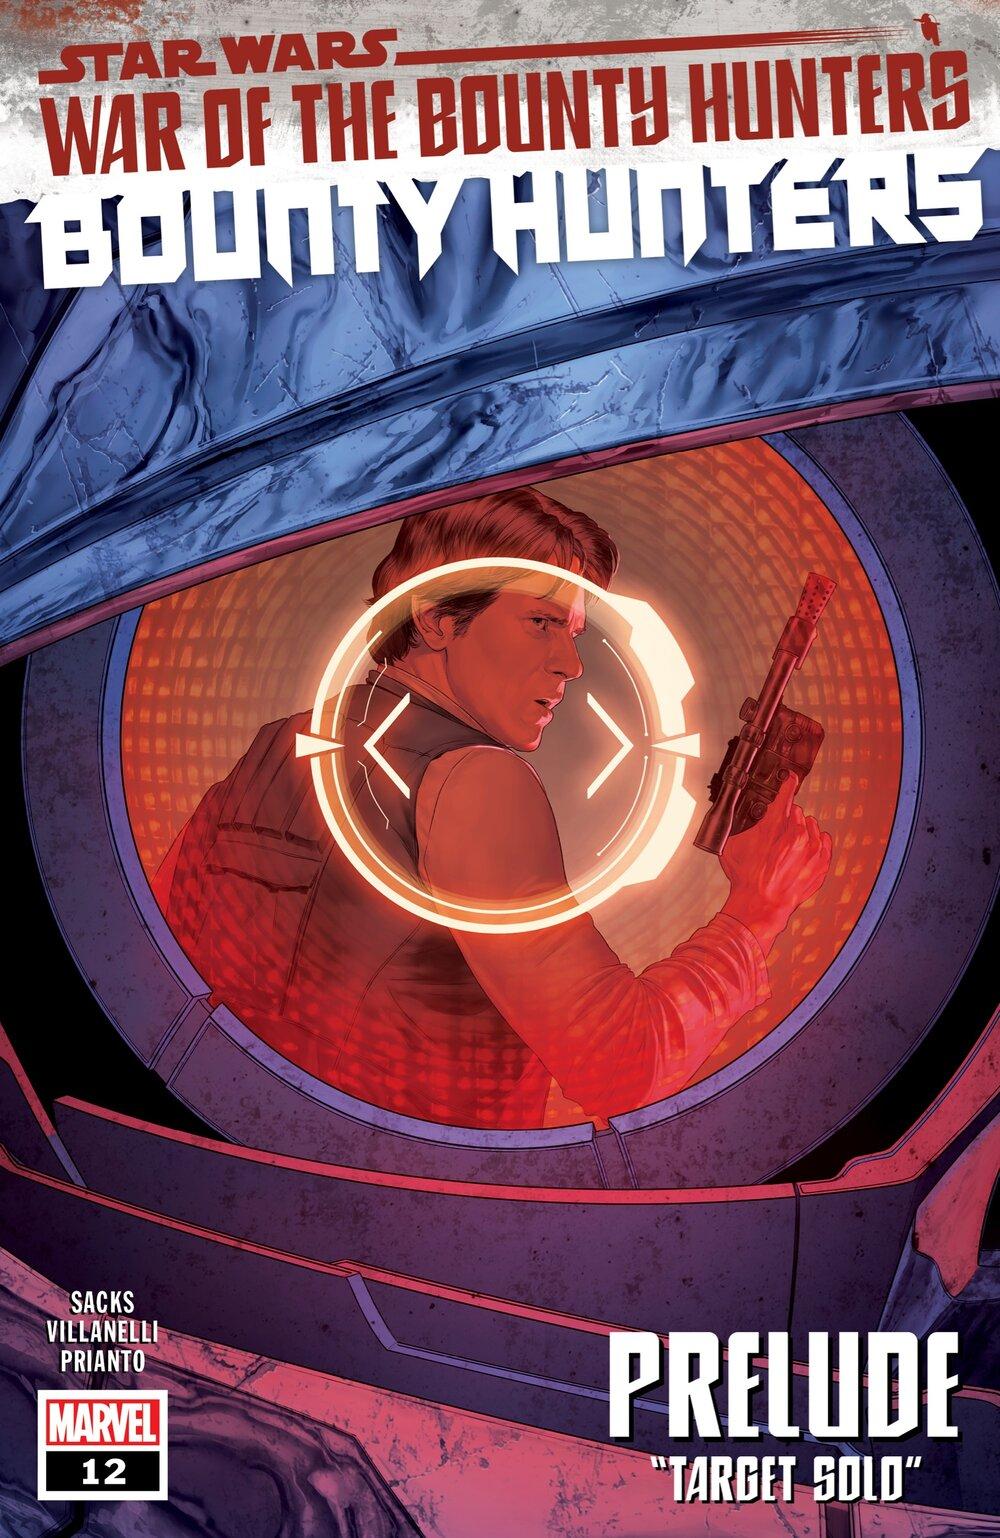 STAR WARS: BOUNTY HUNTERS #12  Written by ETHAN SACKS  Art by PAOLO VILLANELLI  Cover by MATTIA DE IULIS  On Sale 5/19